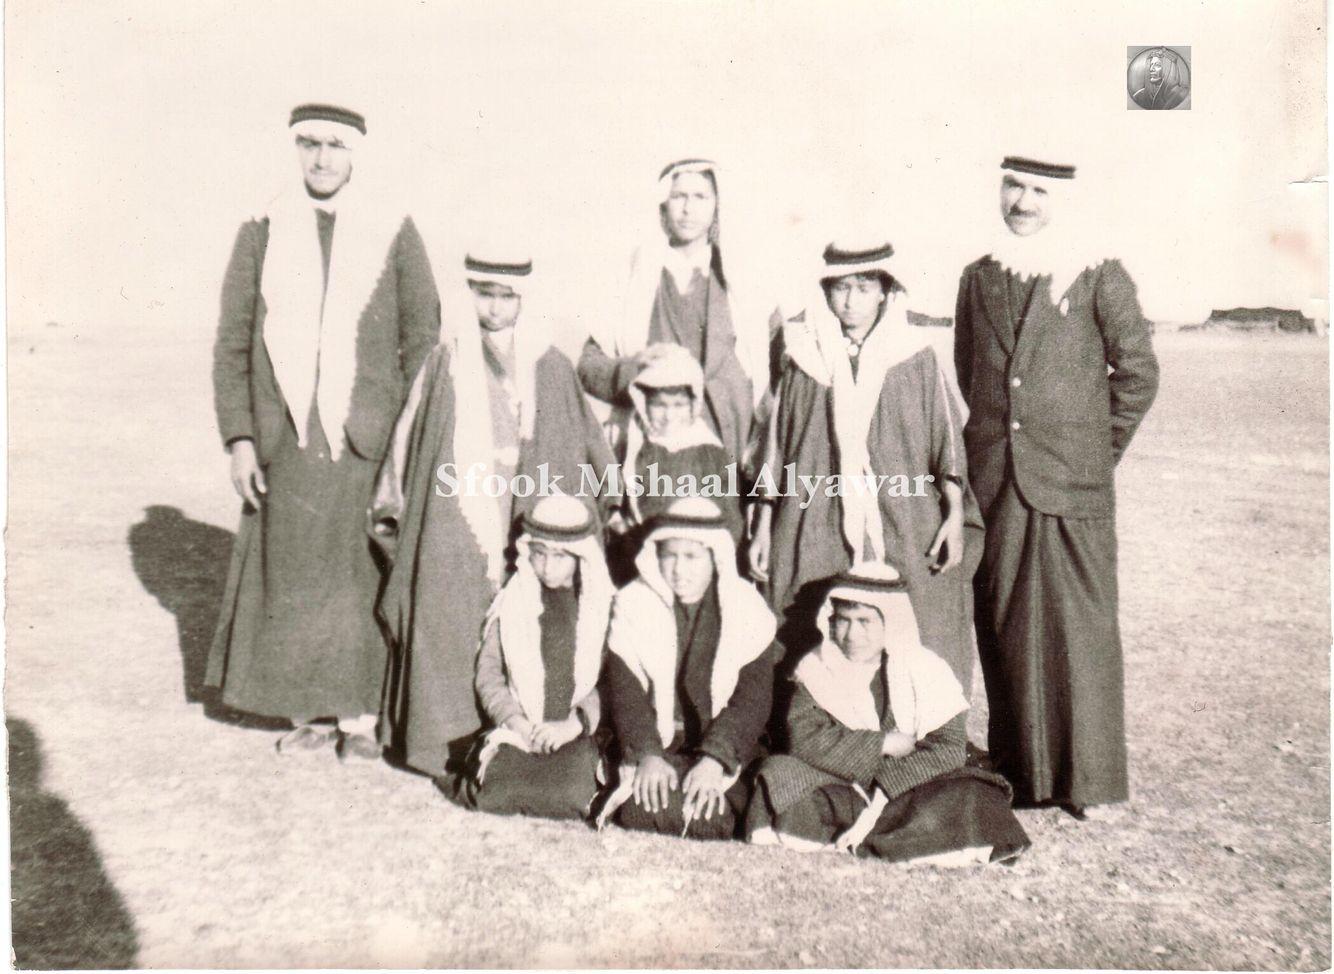 ابناء الشيخ عجيل الياور مع معلمين مدرسة شمر عجيل في البادية العراقية ١٩٣٥م Baghdad Iraq Baghdad Iraq